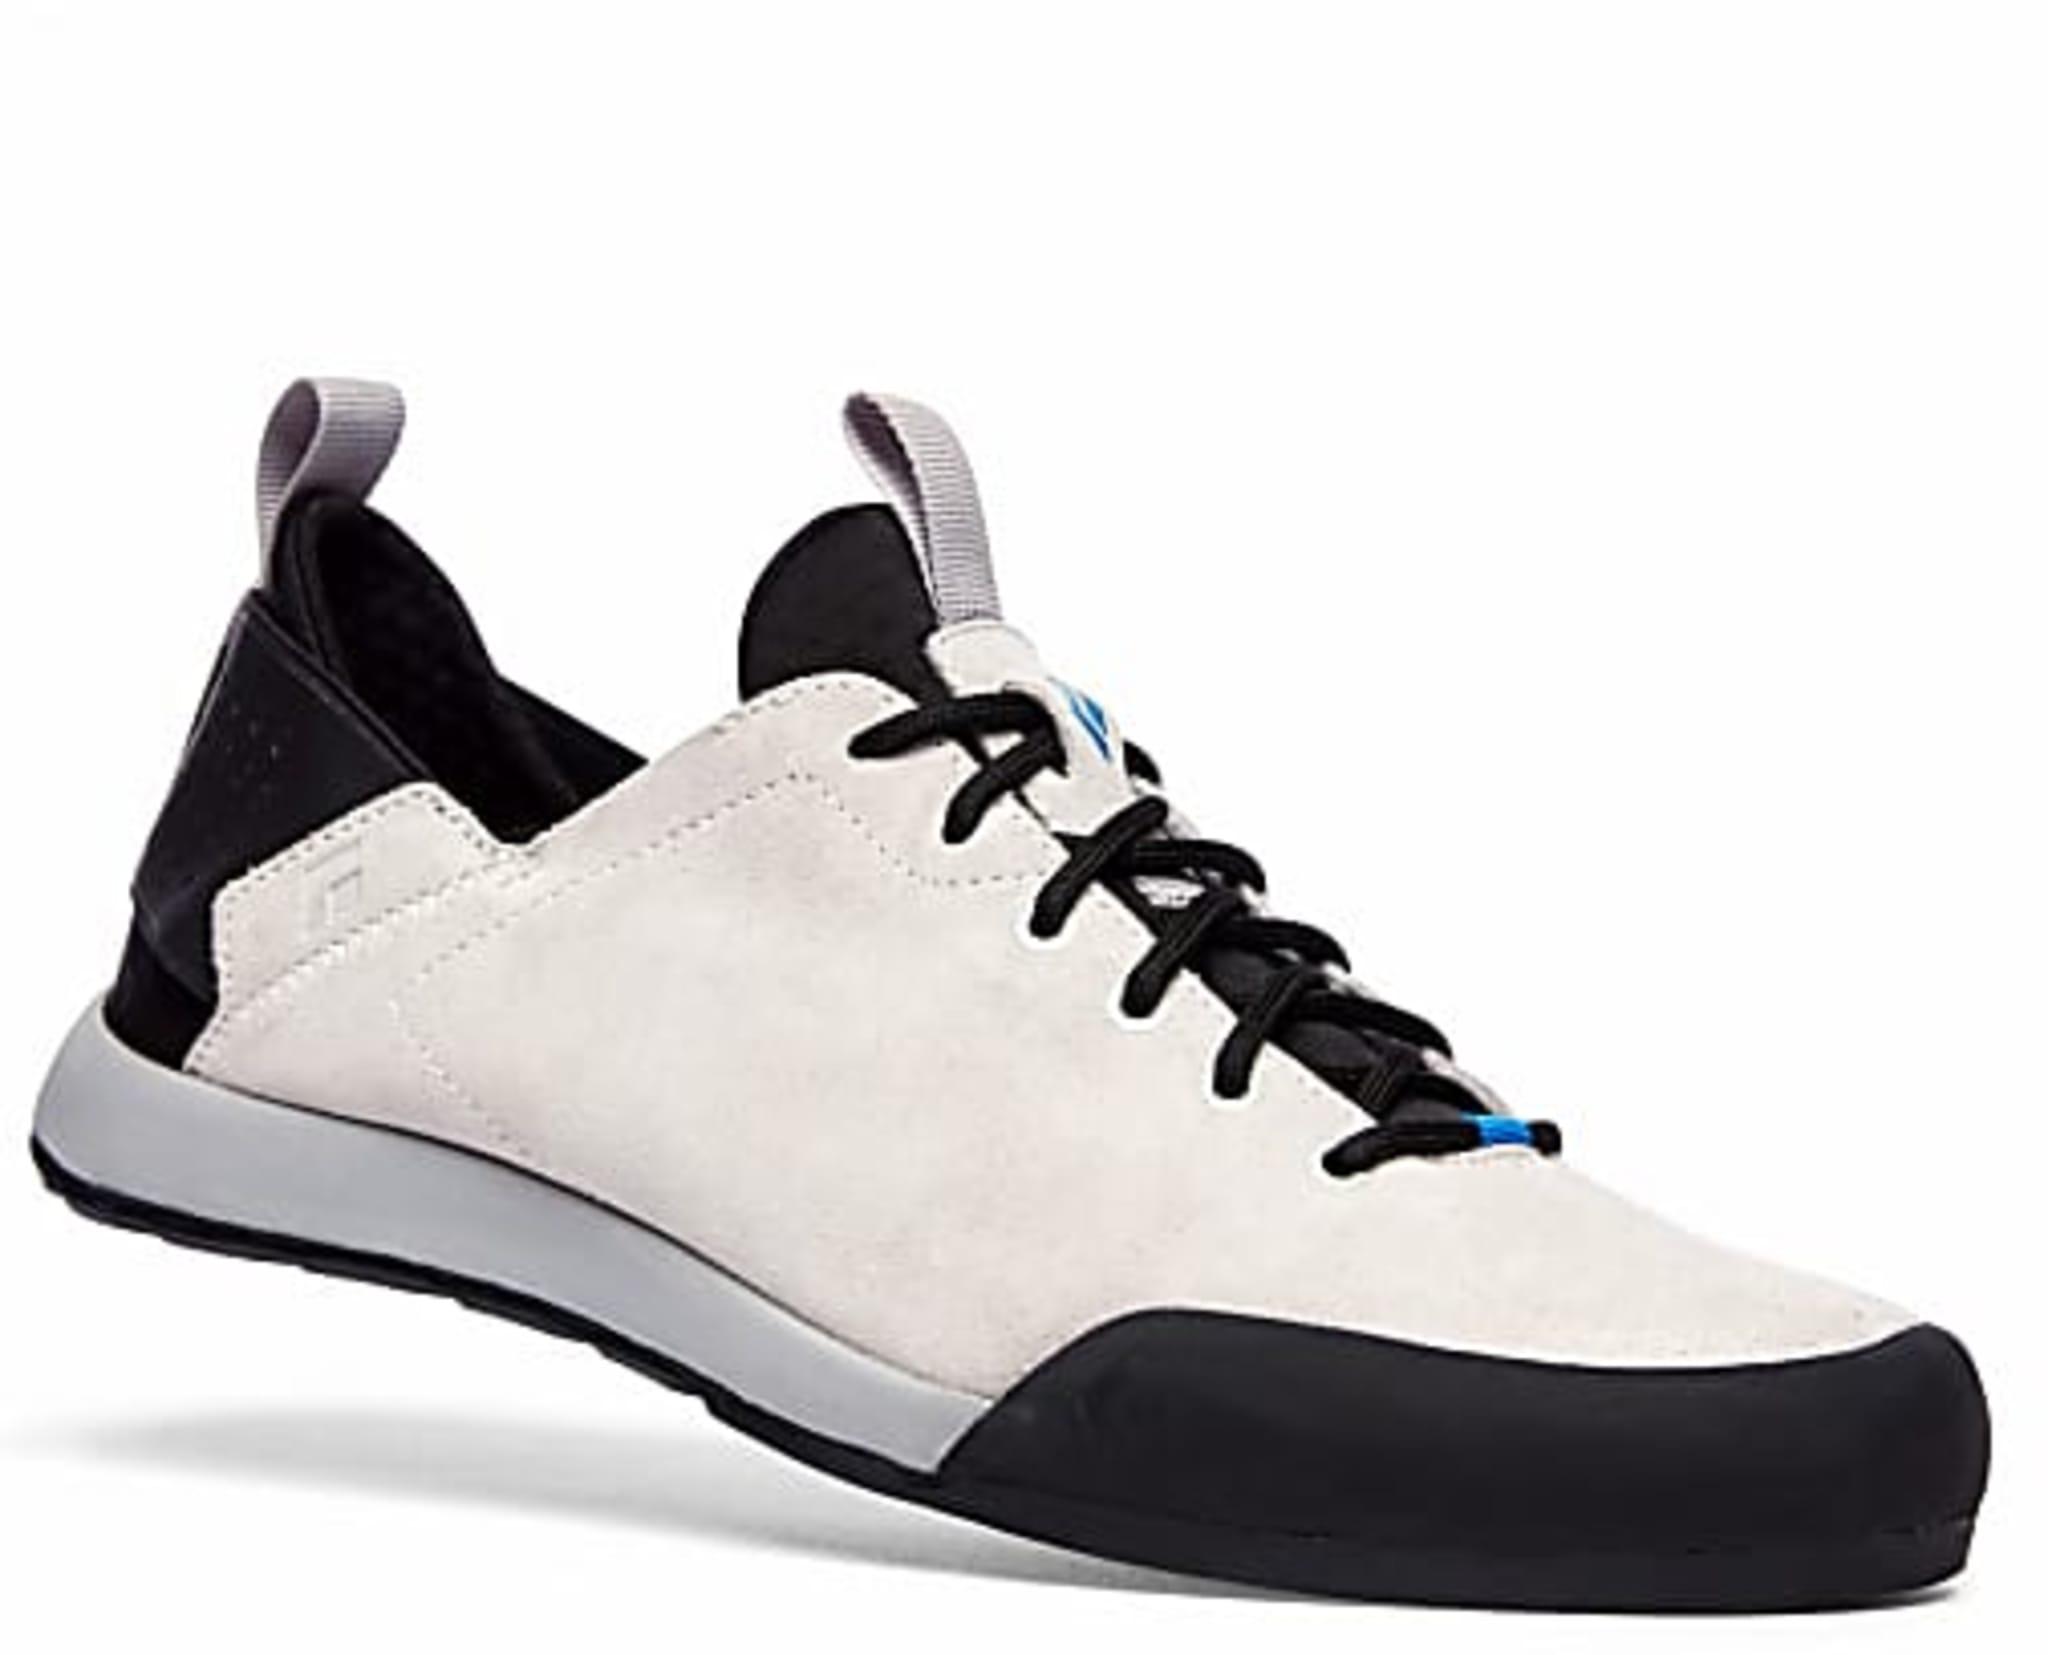 Komfortabel sko til lett aktivitet og hverdag!